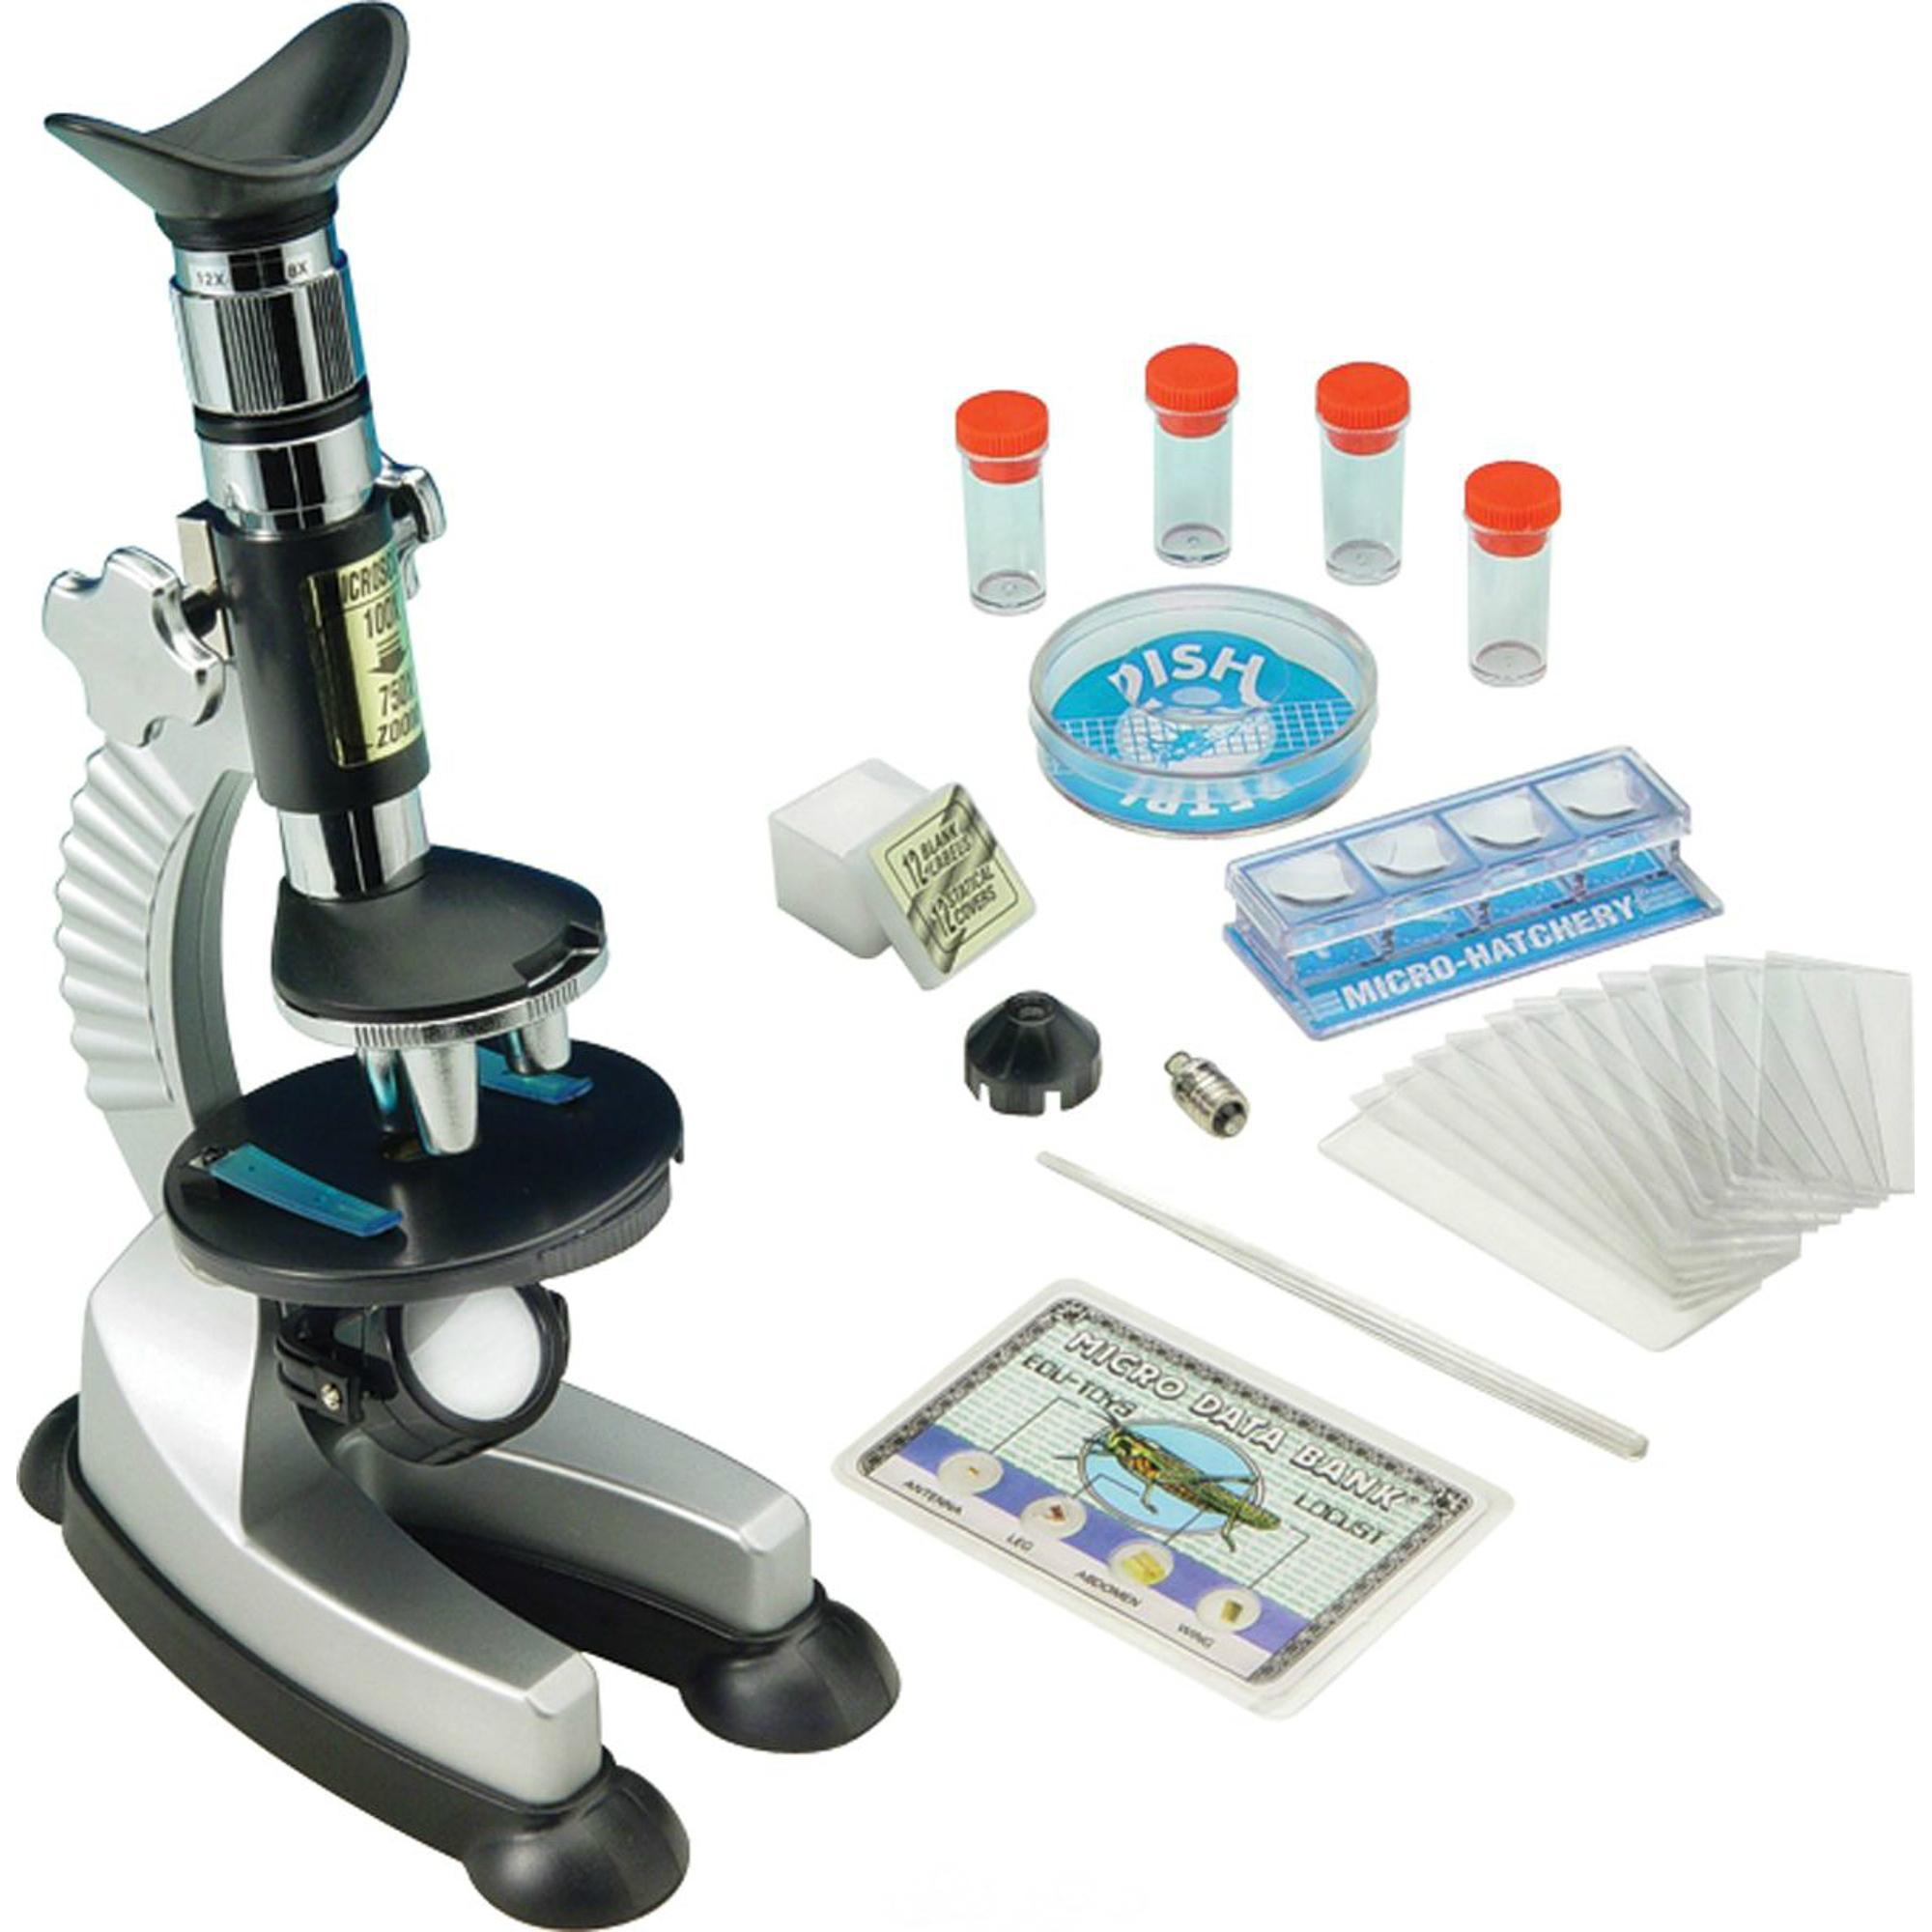 Купить Набор для опытов Edu-toys Микроскоп 100x750, EDU TOYS, Китай, Творчество